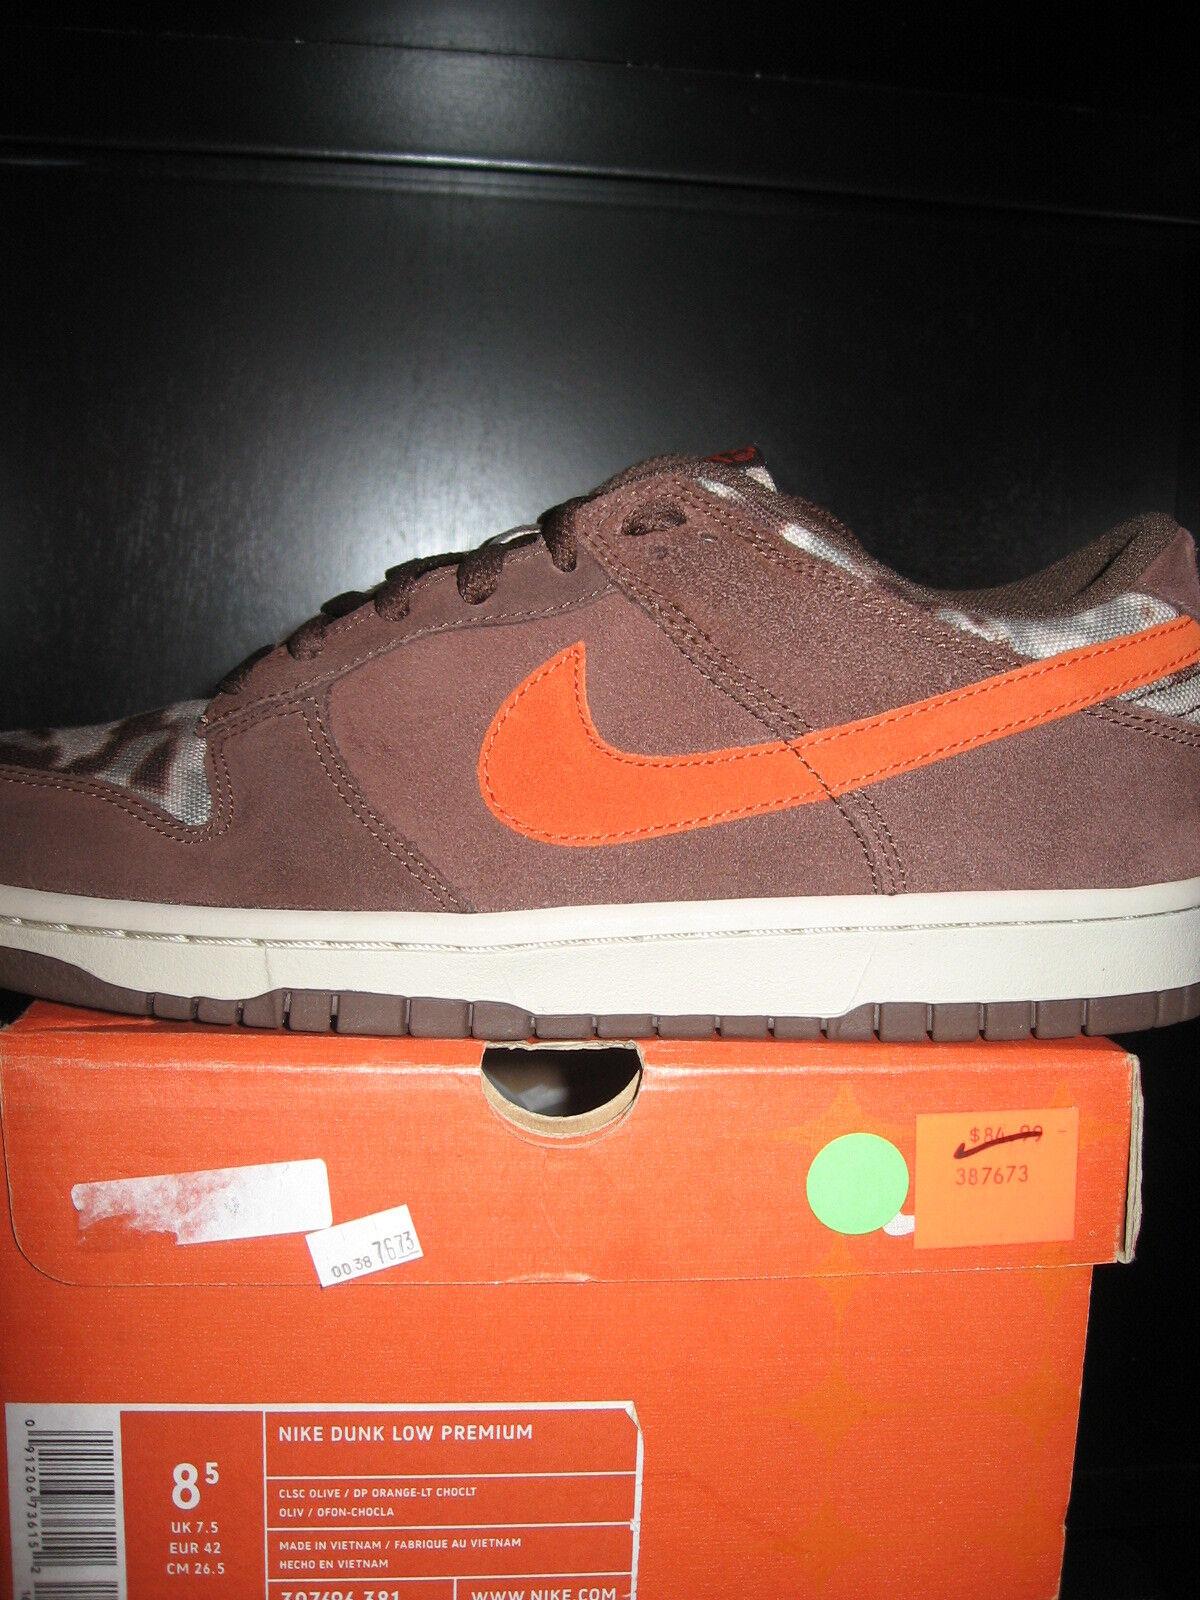 Nike Dunk Low Premium Premium Premium Cl Olive dp orange-LT Choc 307696 381 MENS SZ 8.5 DS 2005 096f3e